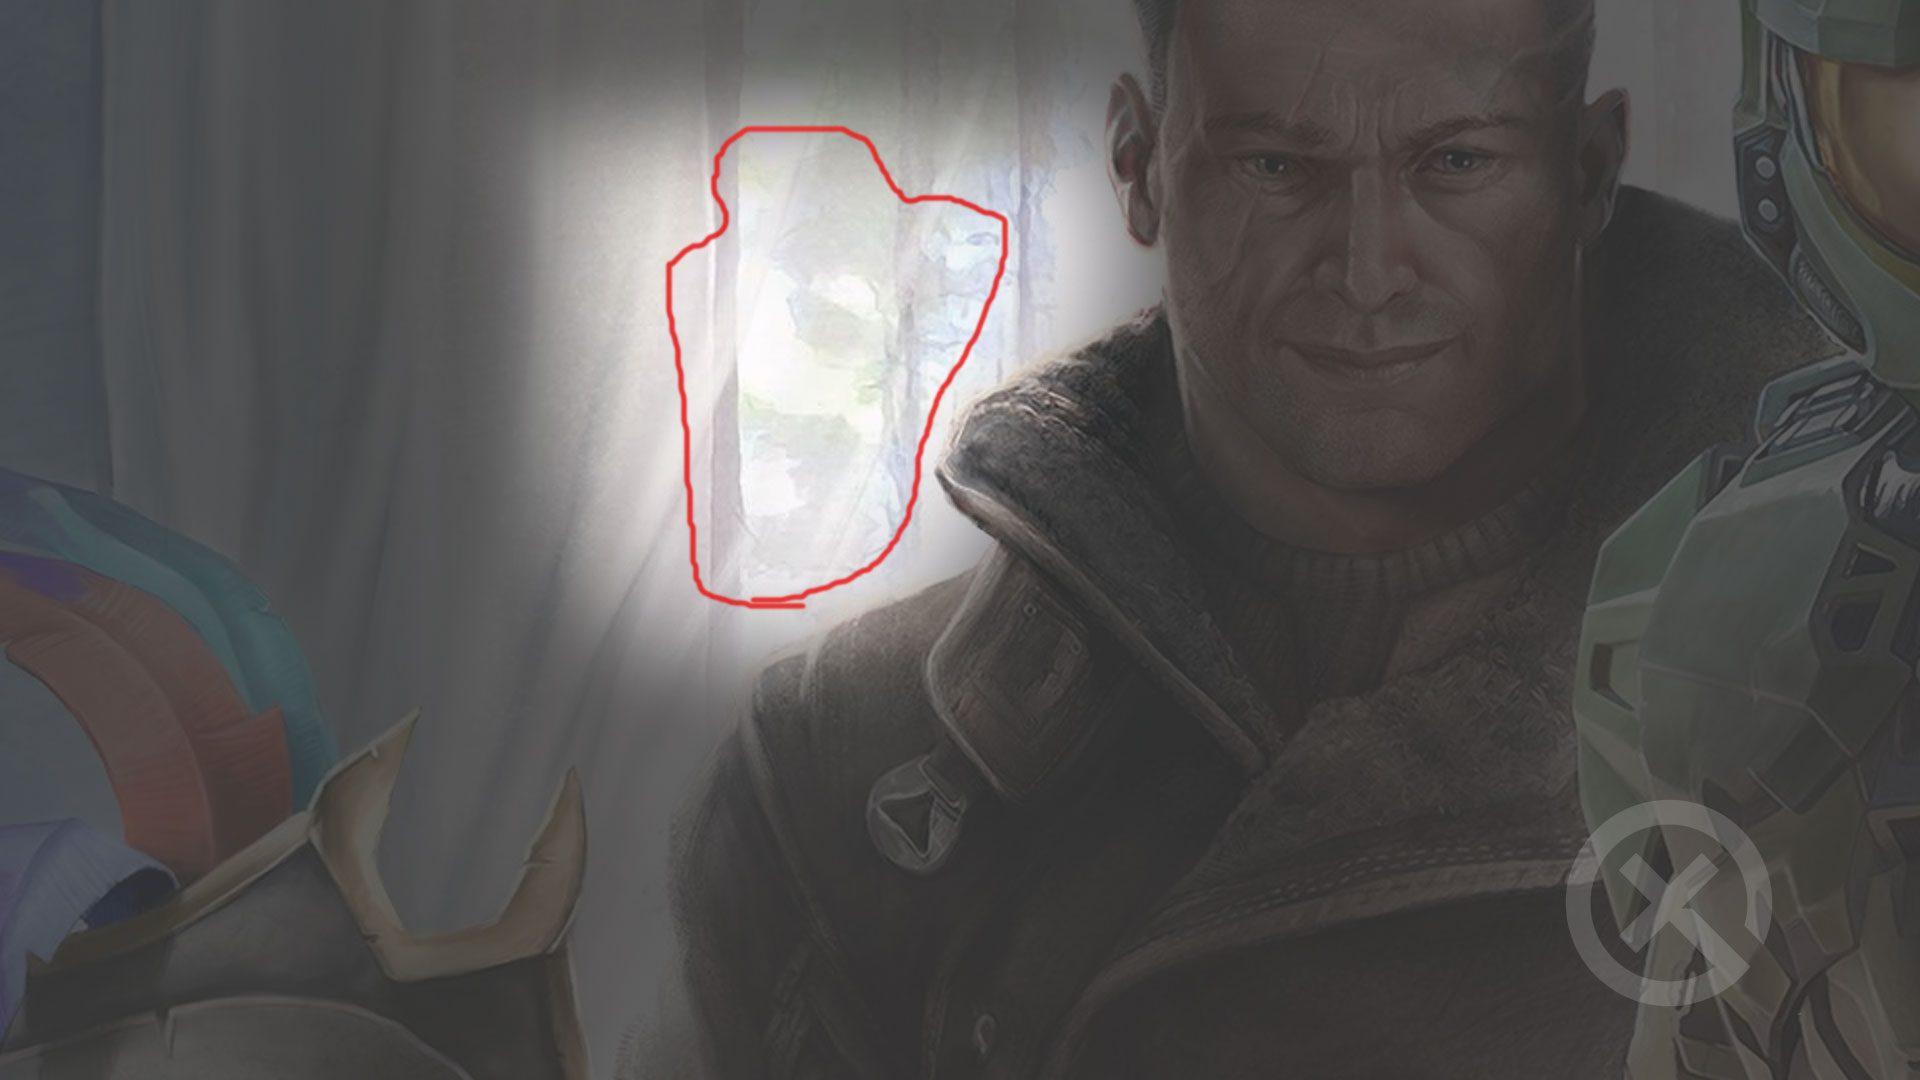 Banjo 'se cuela' de manera secreta en una de las últimas imágenes compartidas por Xbox - Banjo parece haber aparecido en la última imagen compartida por la cuenta oficial de Xbox y aviva los rumores sobre su regreso.